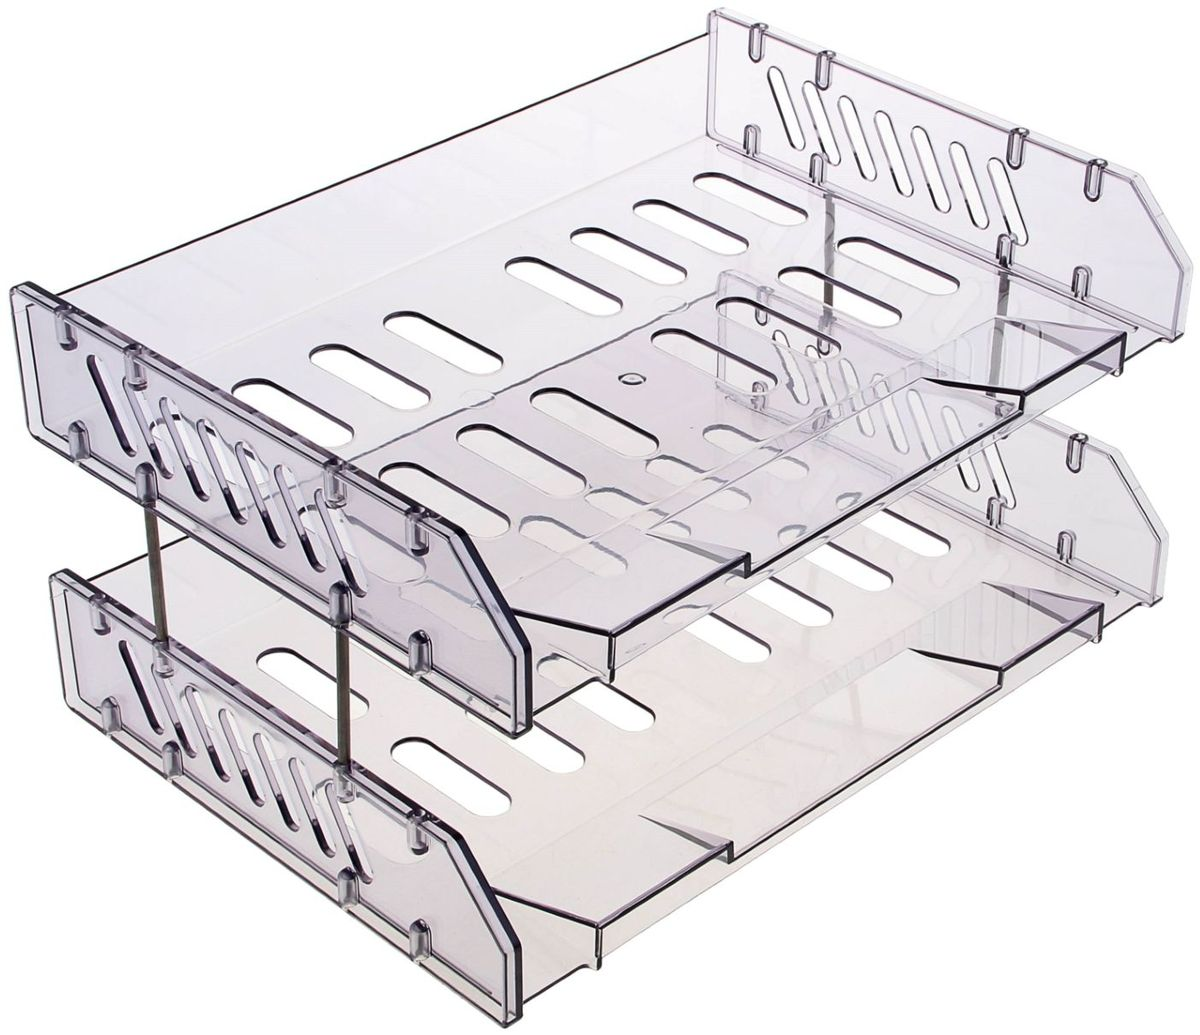 Стамм Набор горизонтальных лотков для бумаг Сити цвет прозрачный серый 2 штFS-00103Сетчатые горизонтальные лотки Стамм Сити предназначены для хранения документов, рабочих бумаг, журналов и каталогов.Набор включает два лотка из высококачественного ударопрочного пластика серого цвета. Лотки устанавливаются друг на друга и надежно скрепляются посредством металлический стержней.Горизонтальные лотки для бумаг Стамм Сити помогут в удобной организации рабочего пространства.